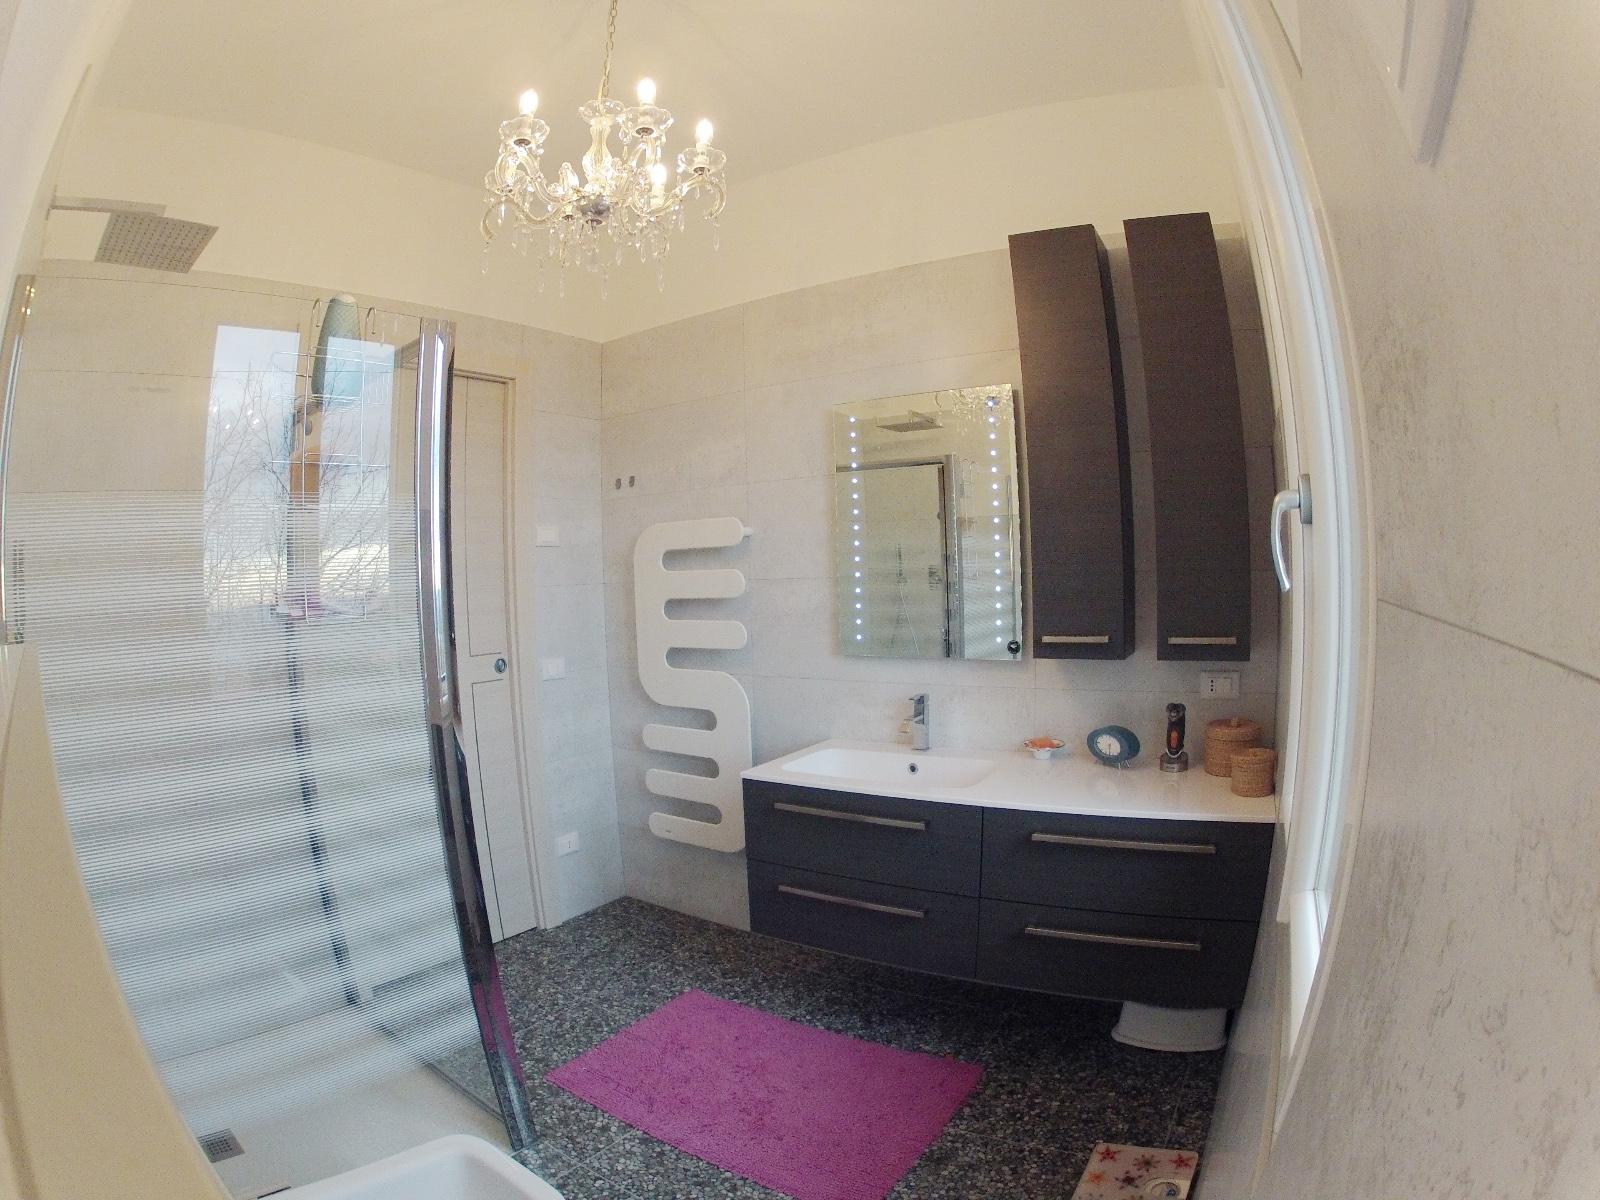 Works sintesibagno progetto e realizzazione arredobagno bagno beautiful small - Arredo bagno verbania ...